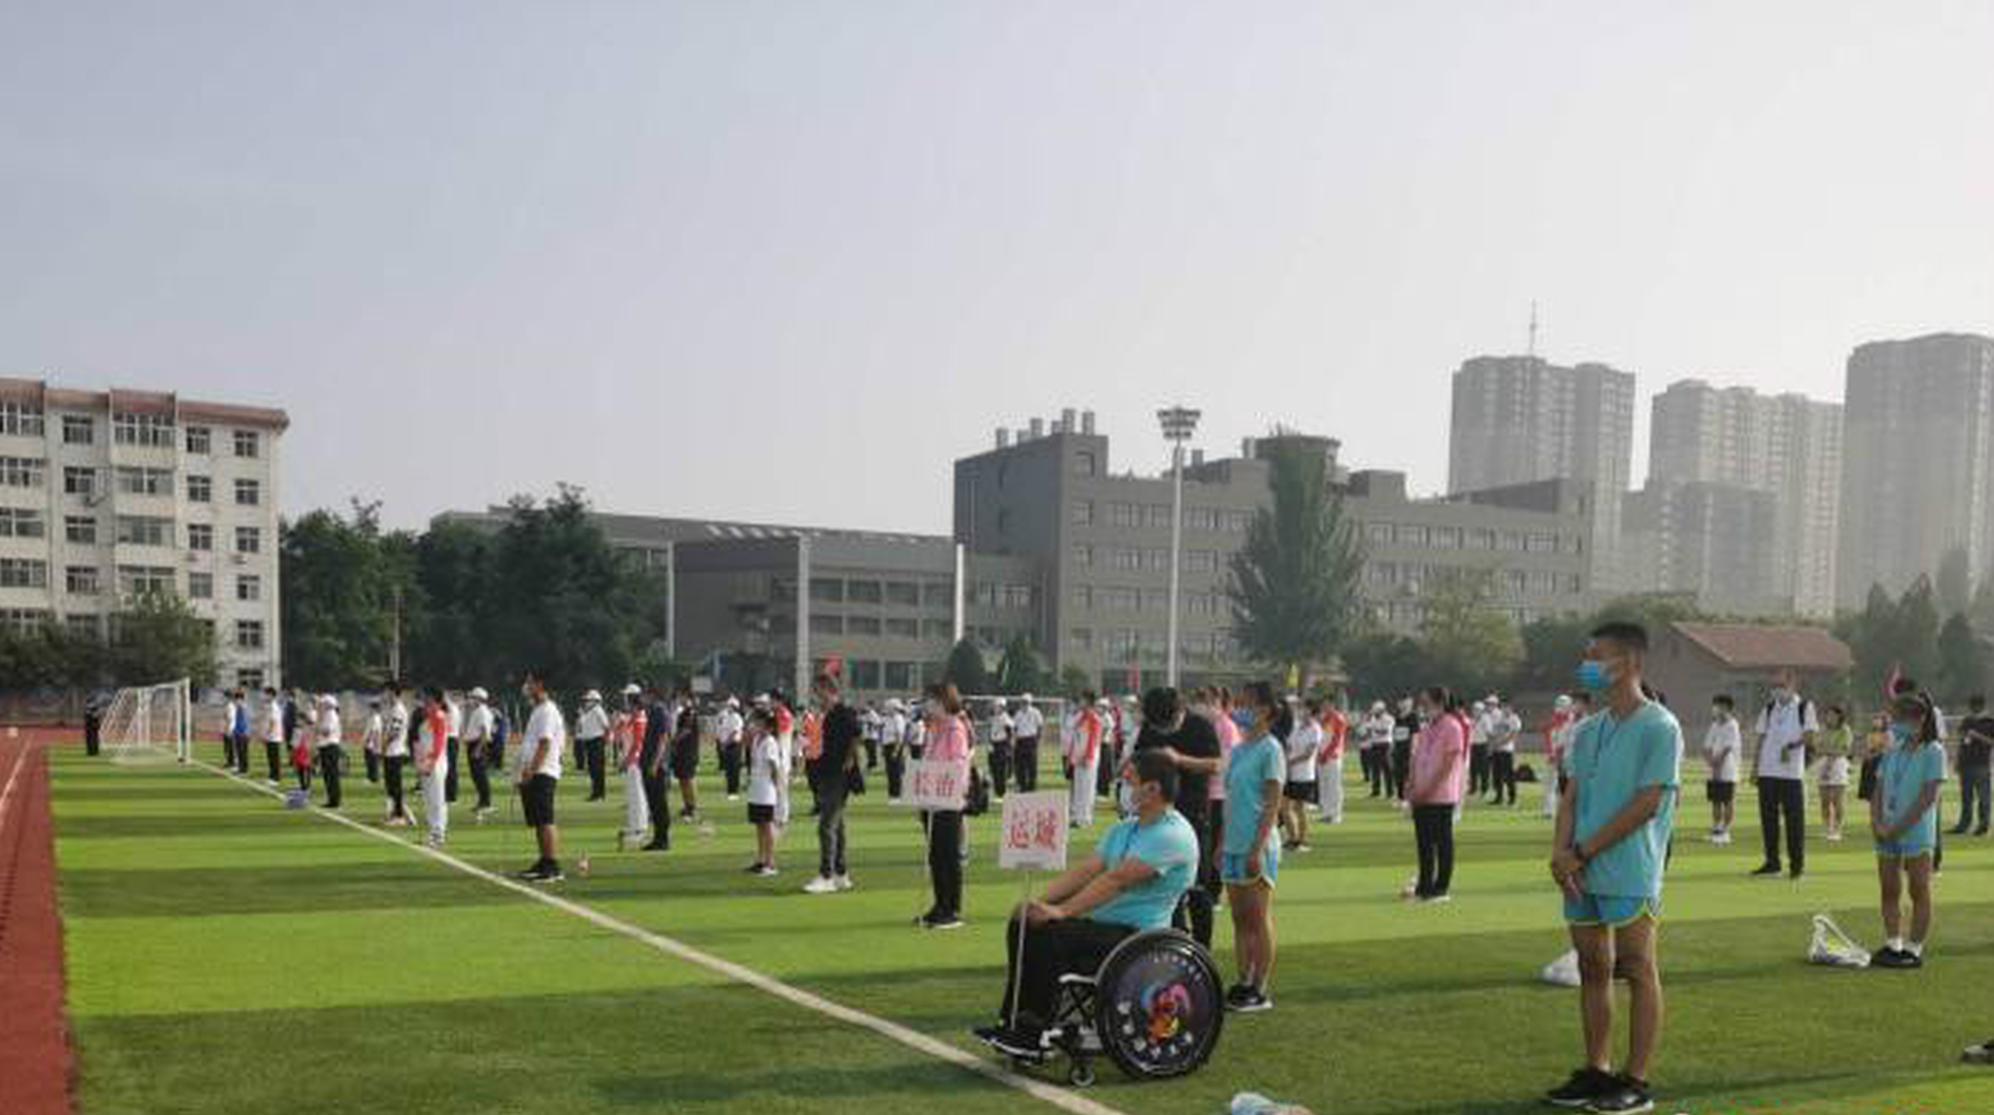 山西残疾人运动员分享参赛心愿:想尝试下 突破自己